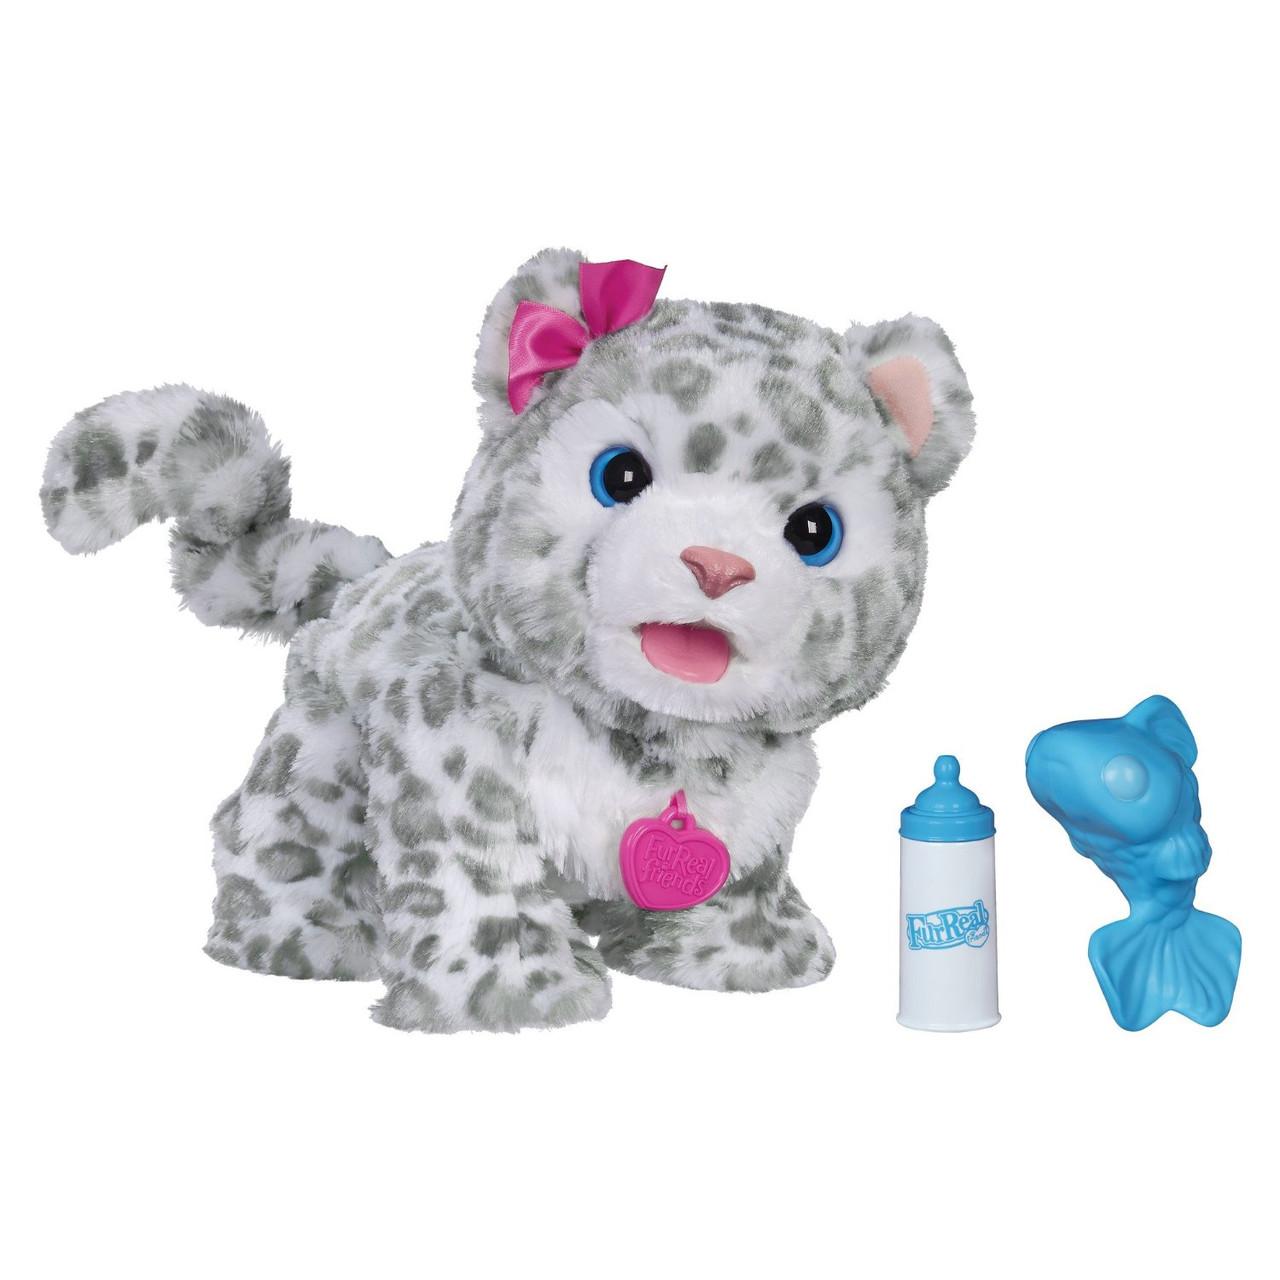 Снежный леопард барс FurReal Friends интерактивная мягкая игрушка Baby Snow Leopard Hasbro